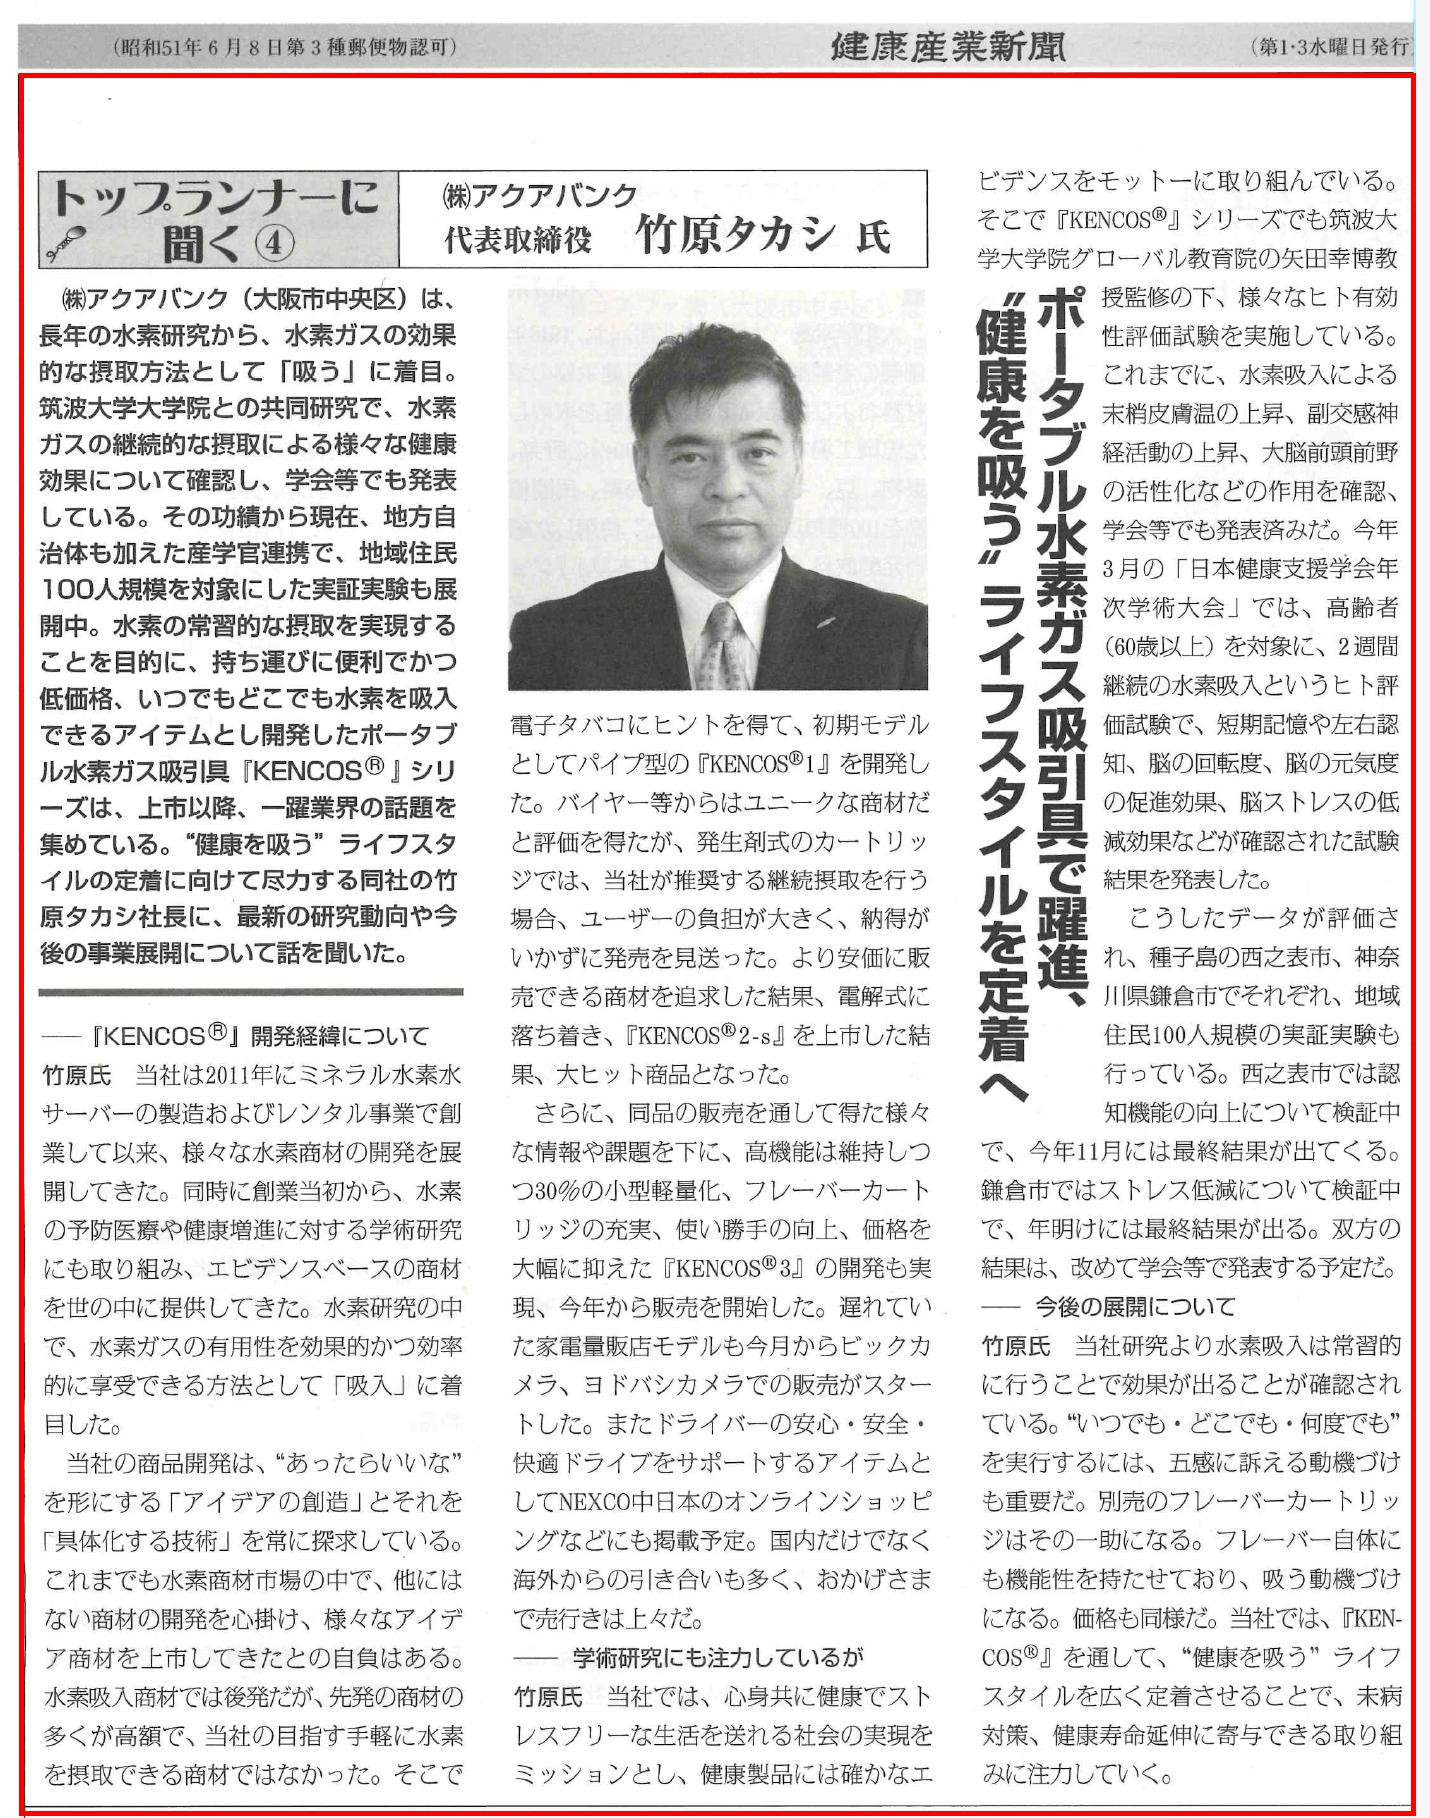 2018年9月19日(水)発行【健康産業新聞】より抜粋